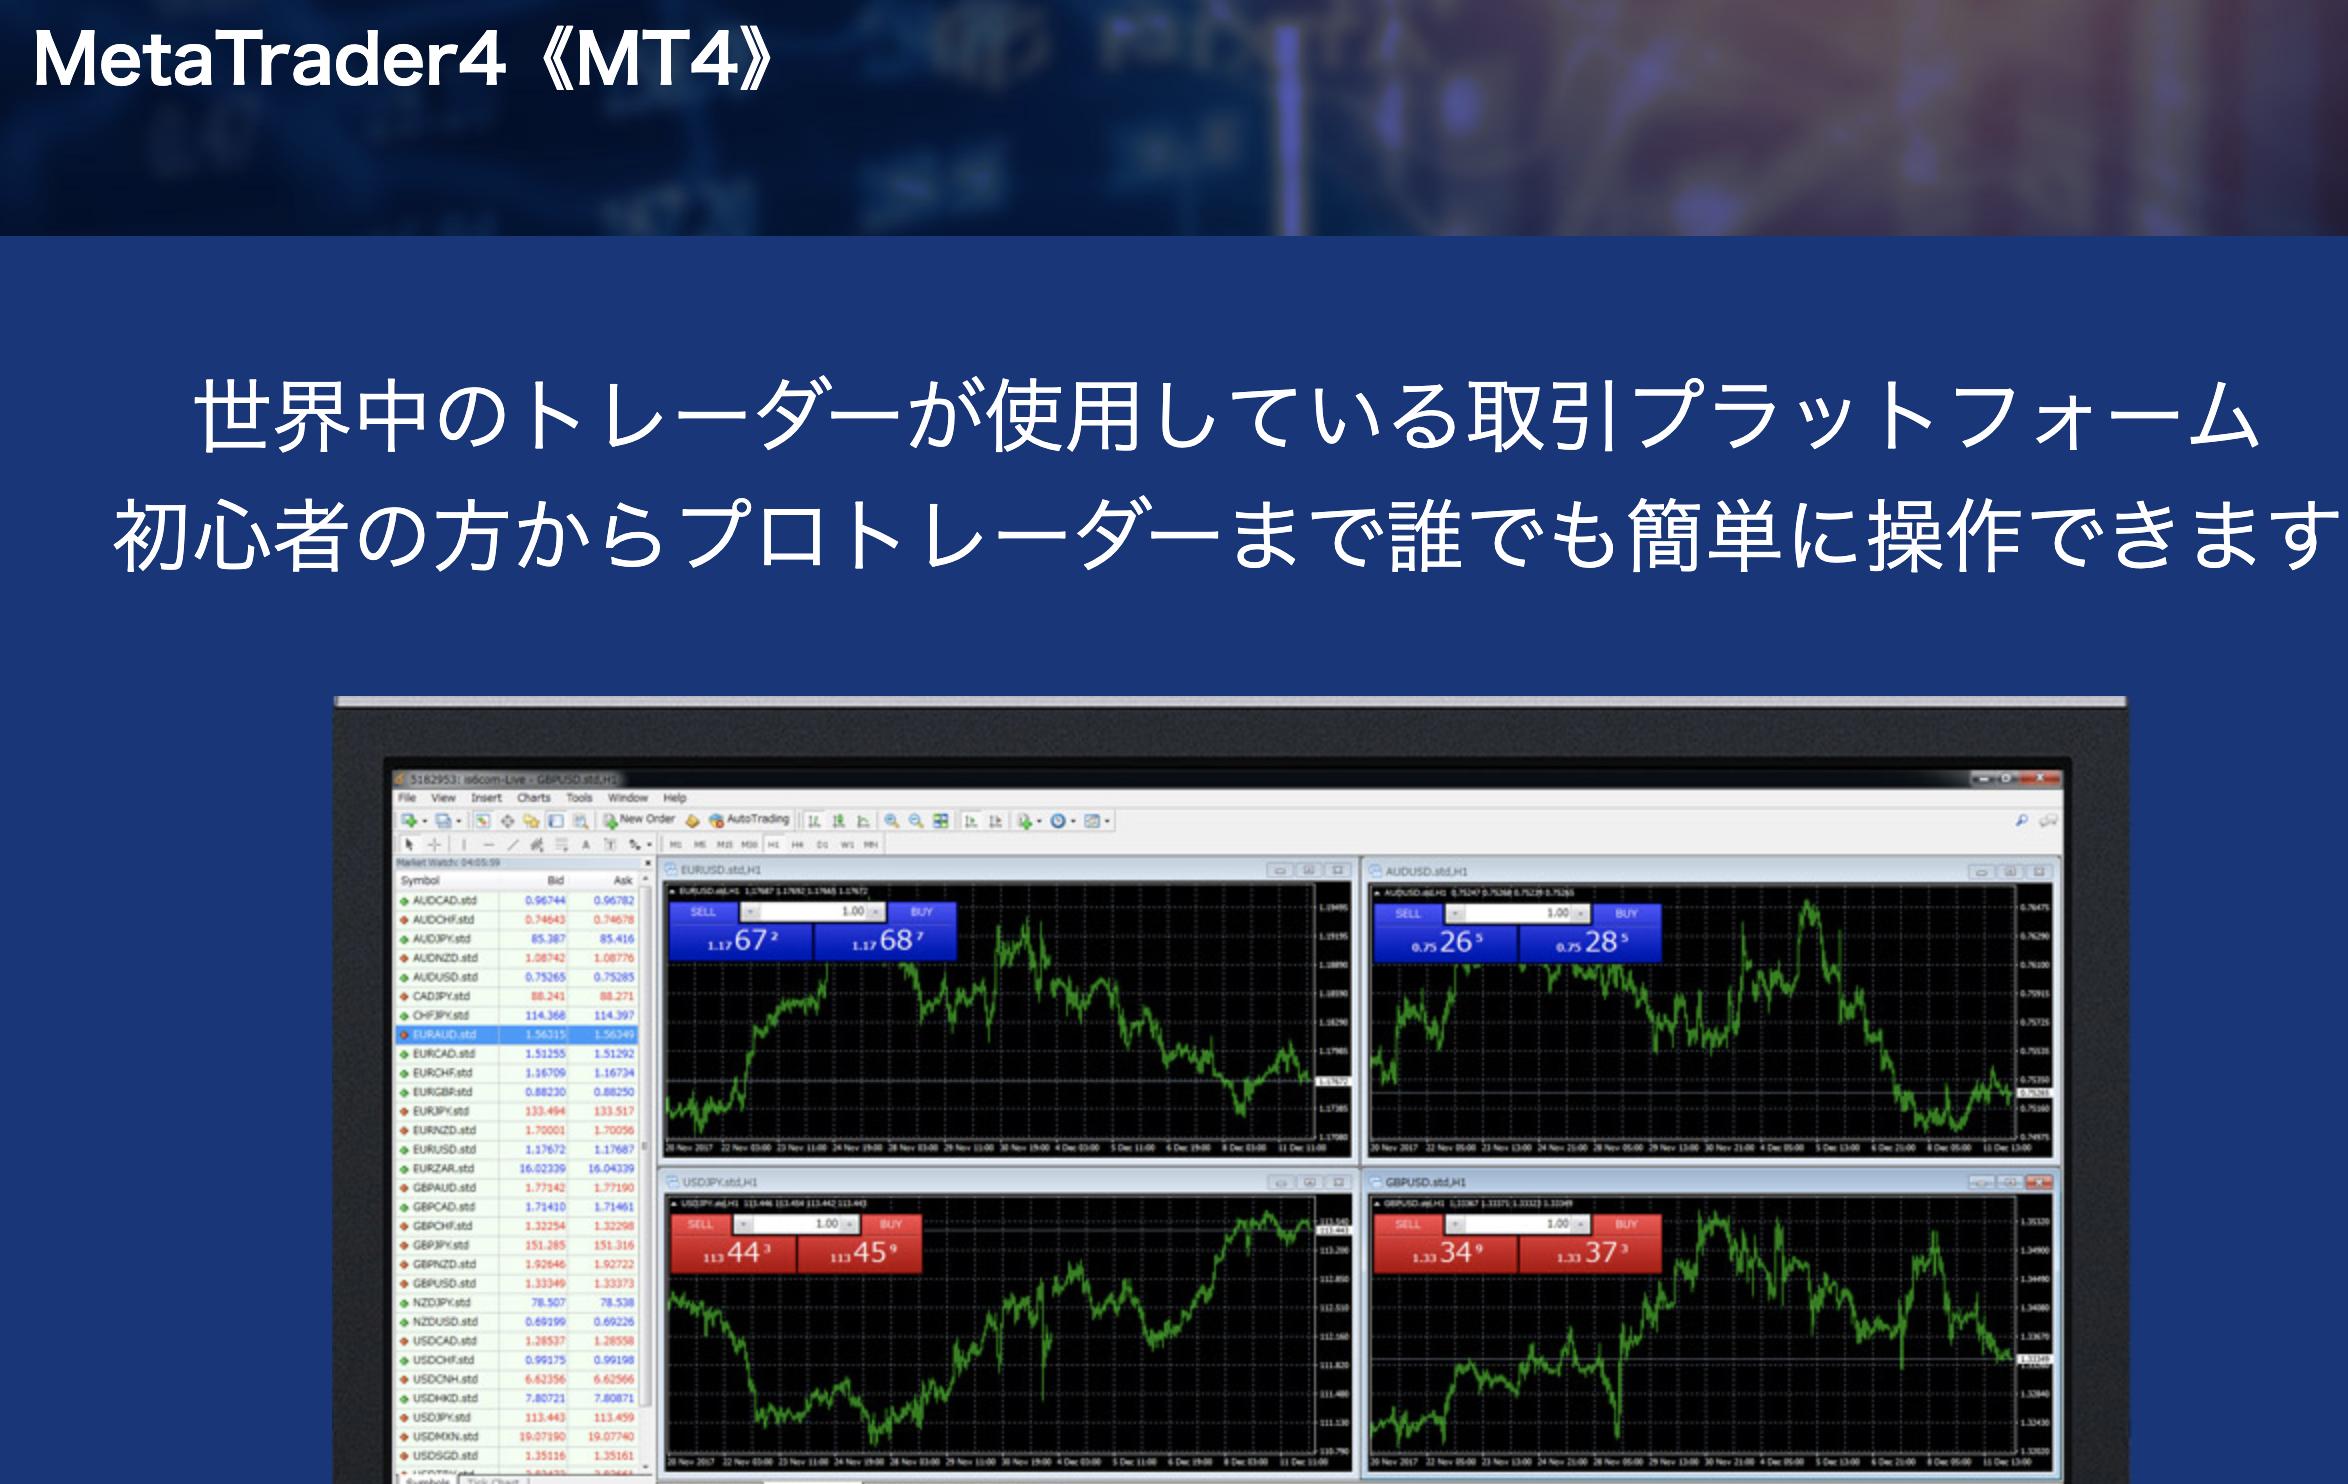 mt4のイメージ